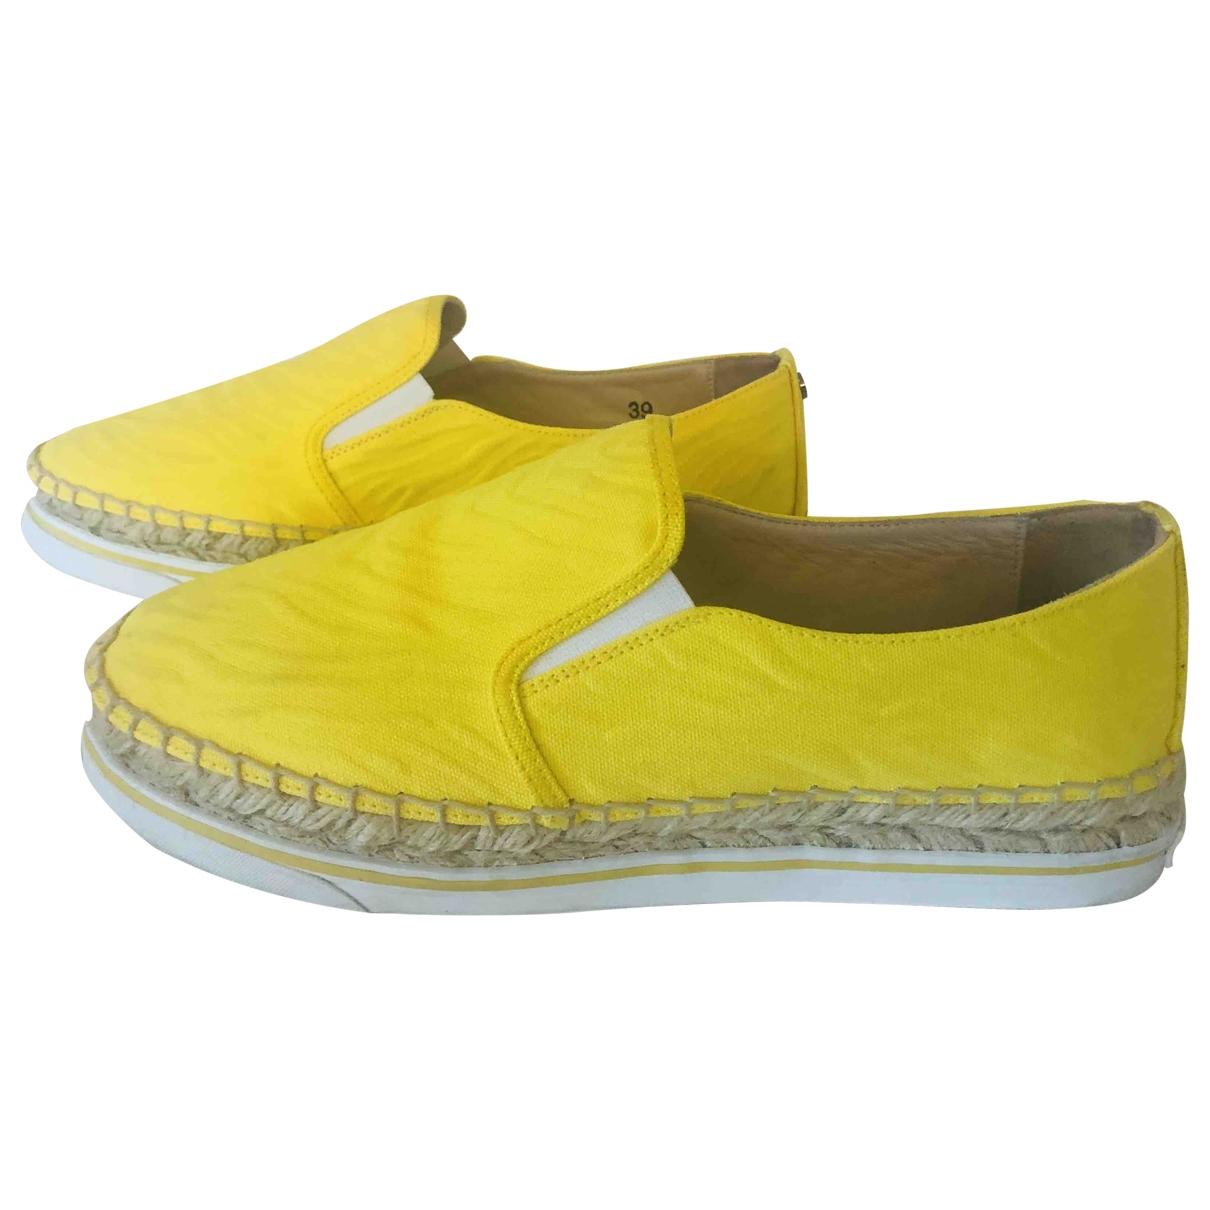 Jimmy Choo \N Espadrilles in  Gelb Leinen